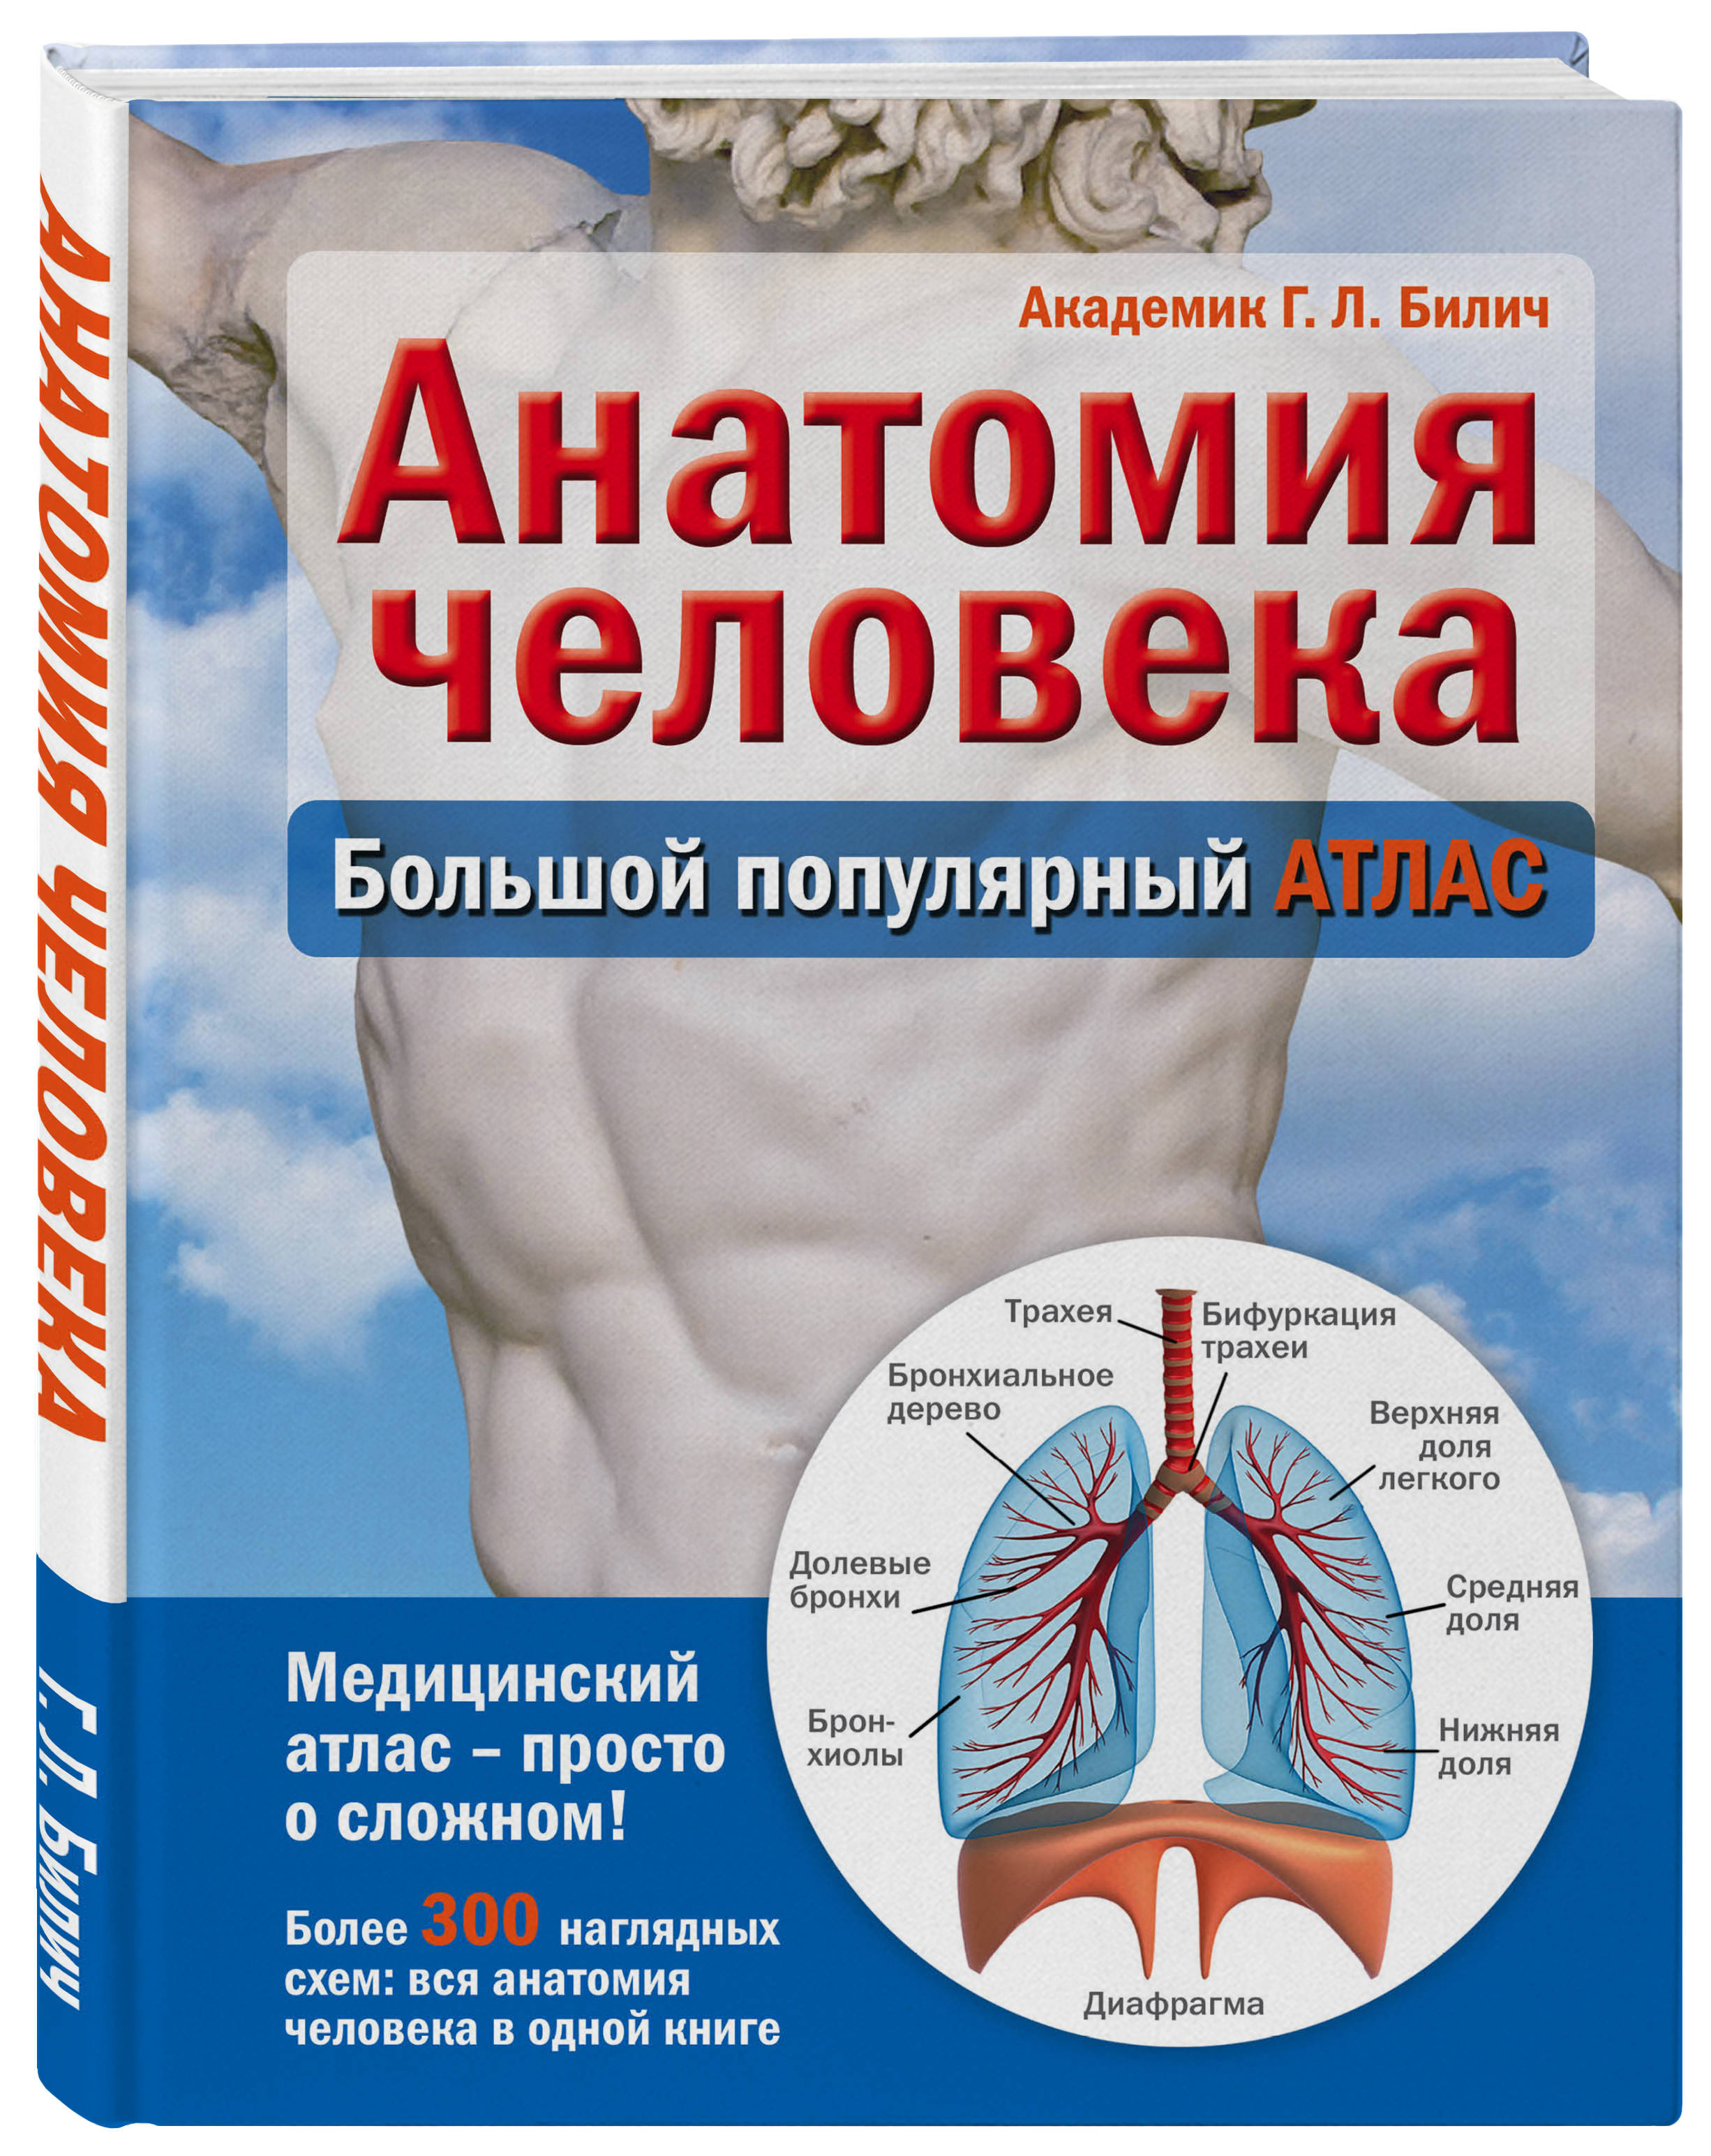 Анатомия человека: большой популярный атлас ( Билич Г.  )